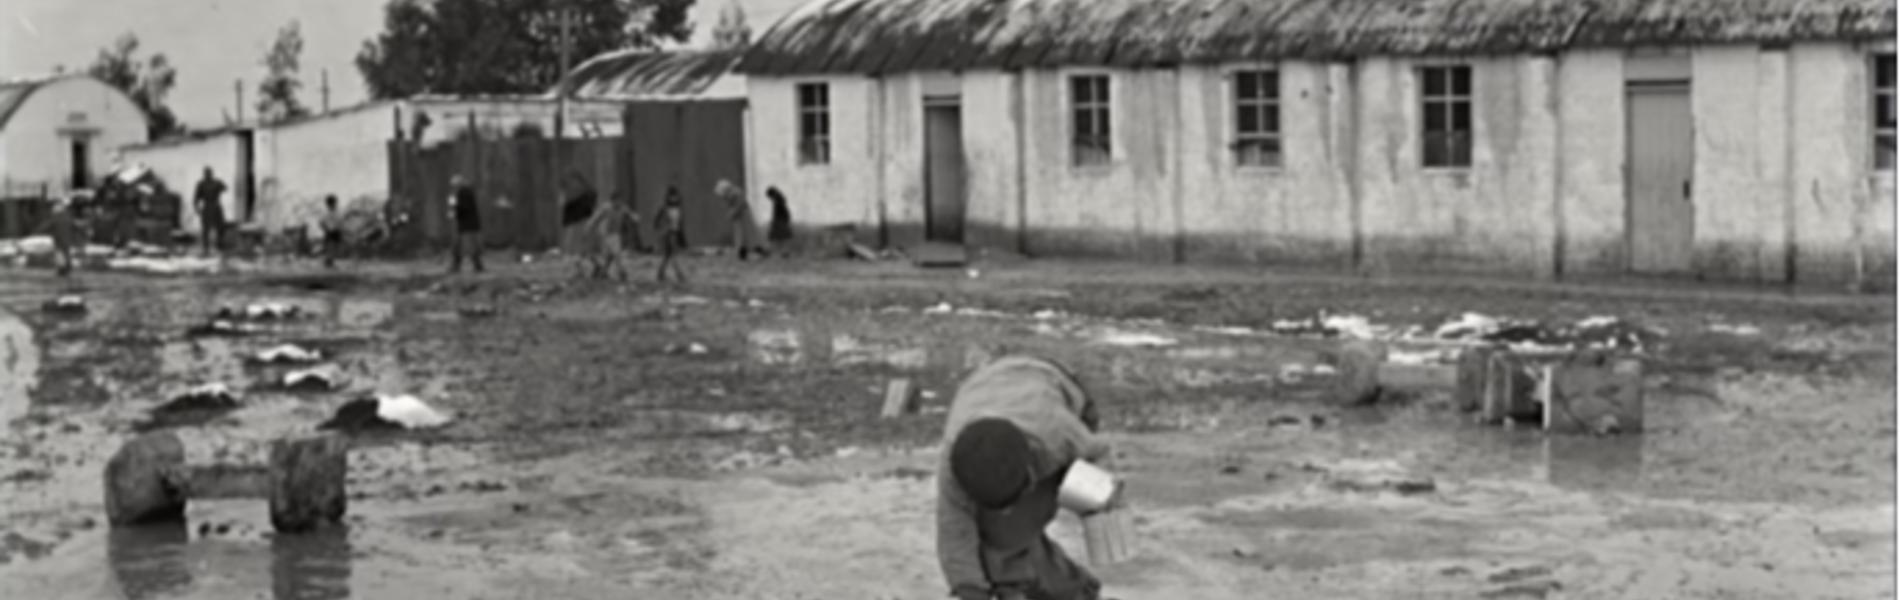 מקלחת פעמיים בשבוע ורעב: תושבי המעברות מתחילים לדבר על הטראומות